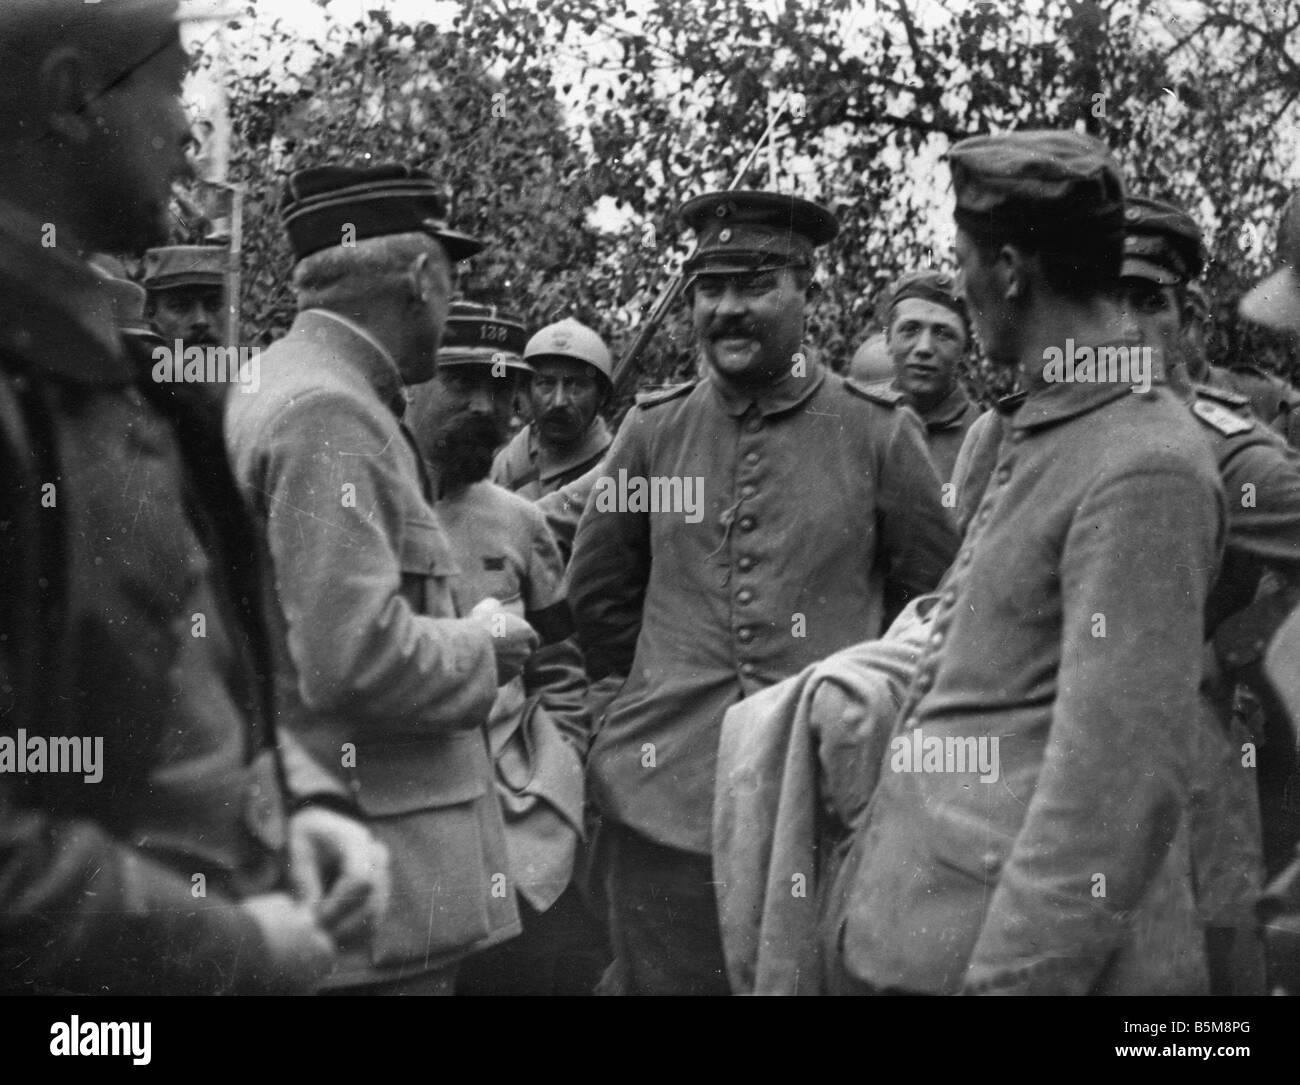 2 G55 K1 1915 13 prisioneros de guerra alemanes interrogó WWI 1915 Historia de la I Guerra Mundial los prisioneros Imagen De Stock